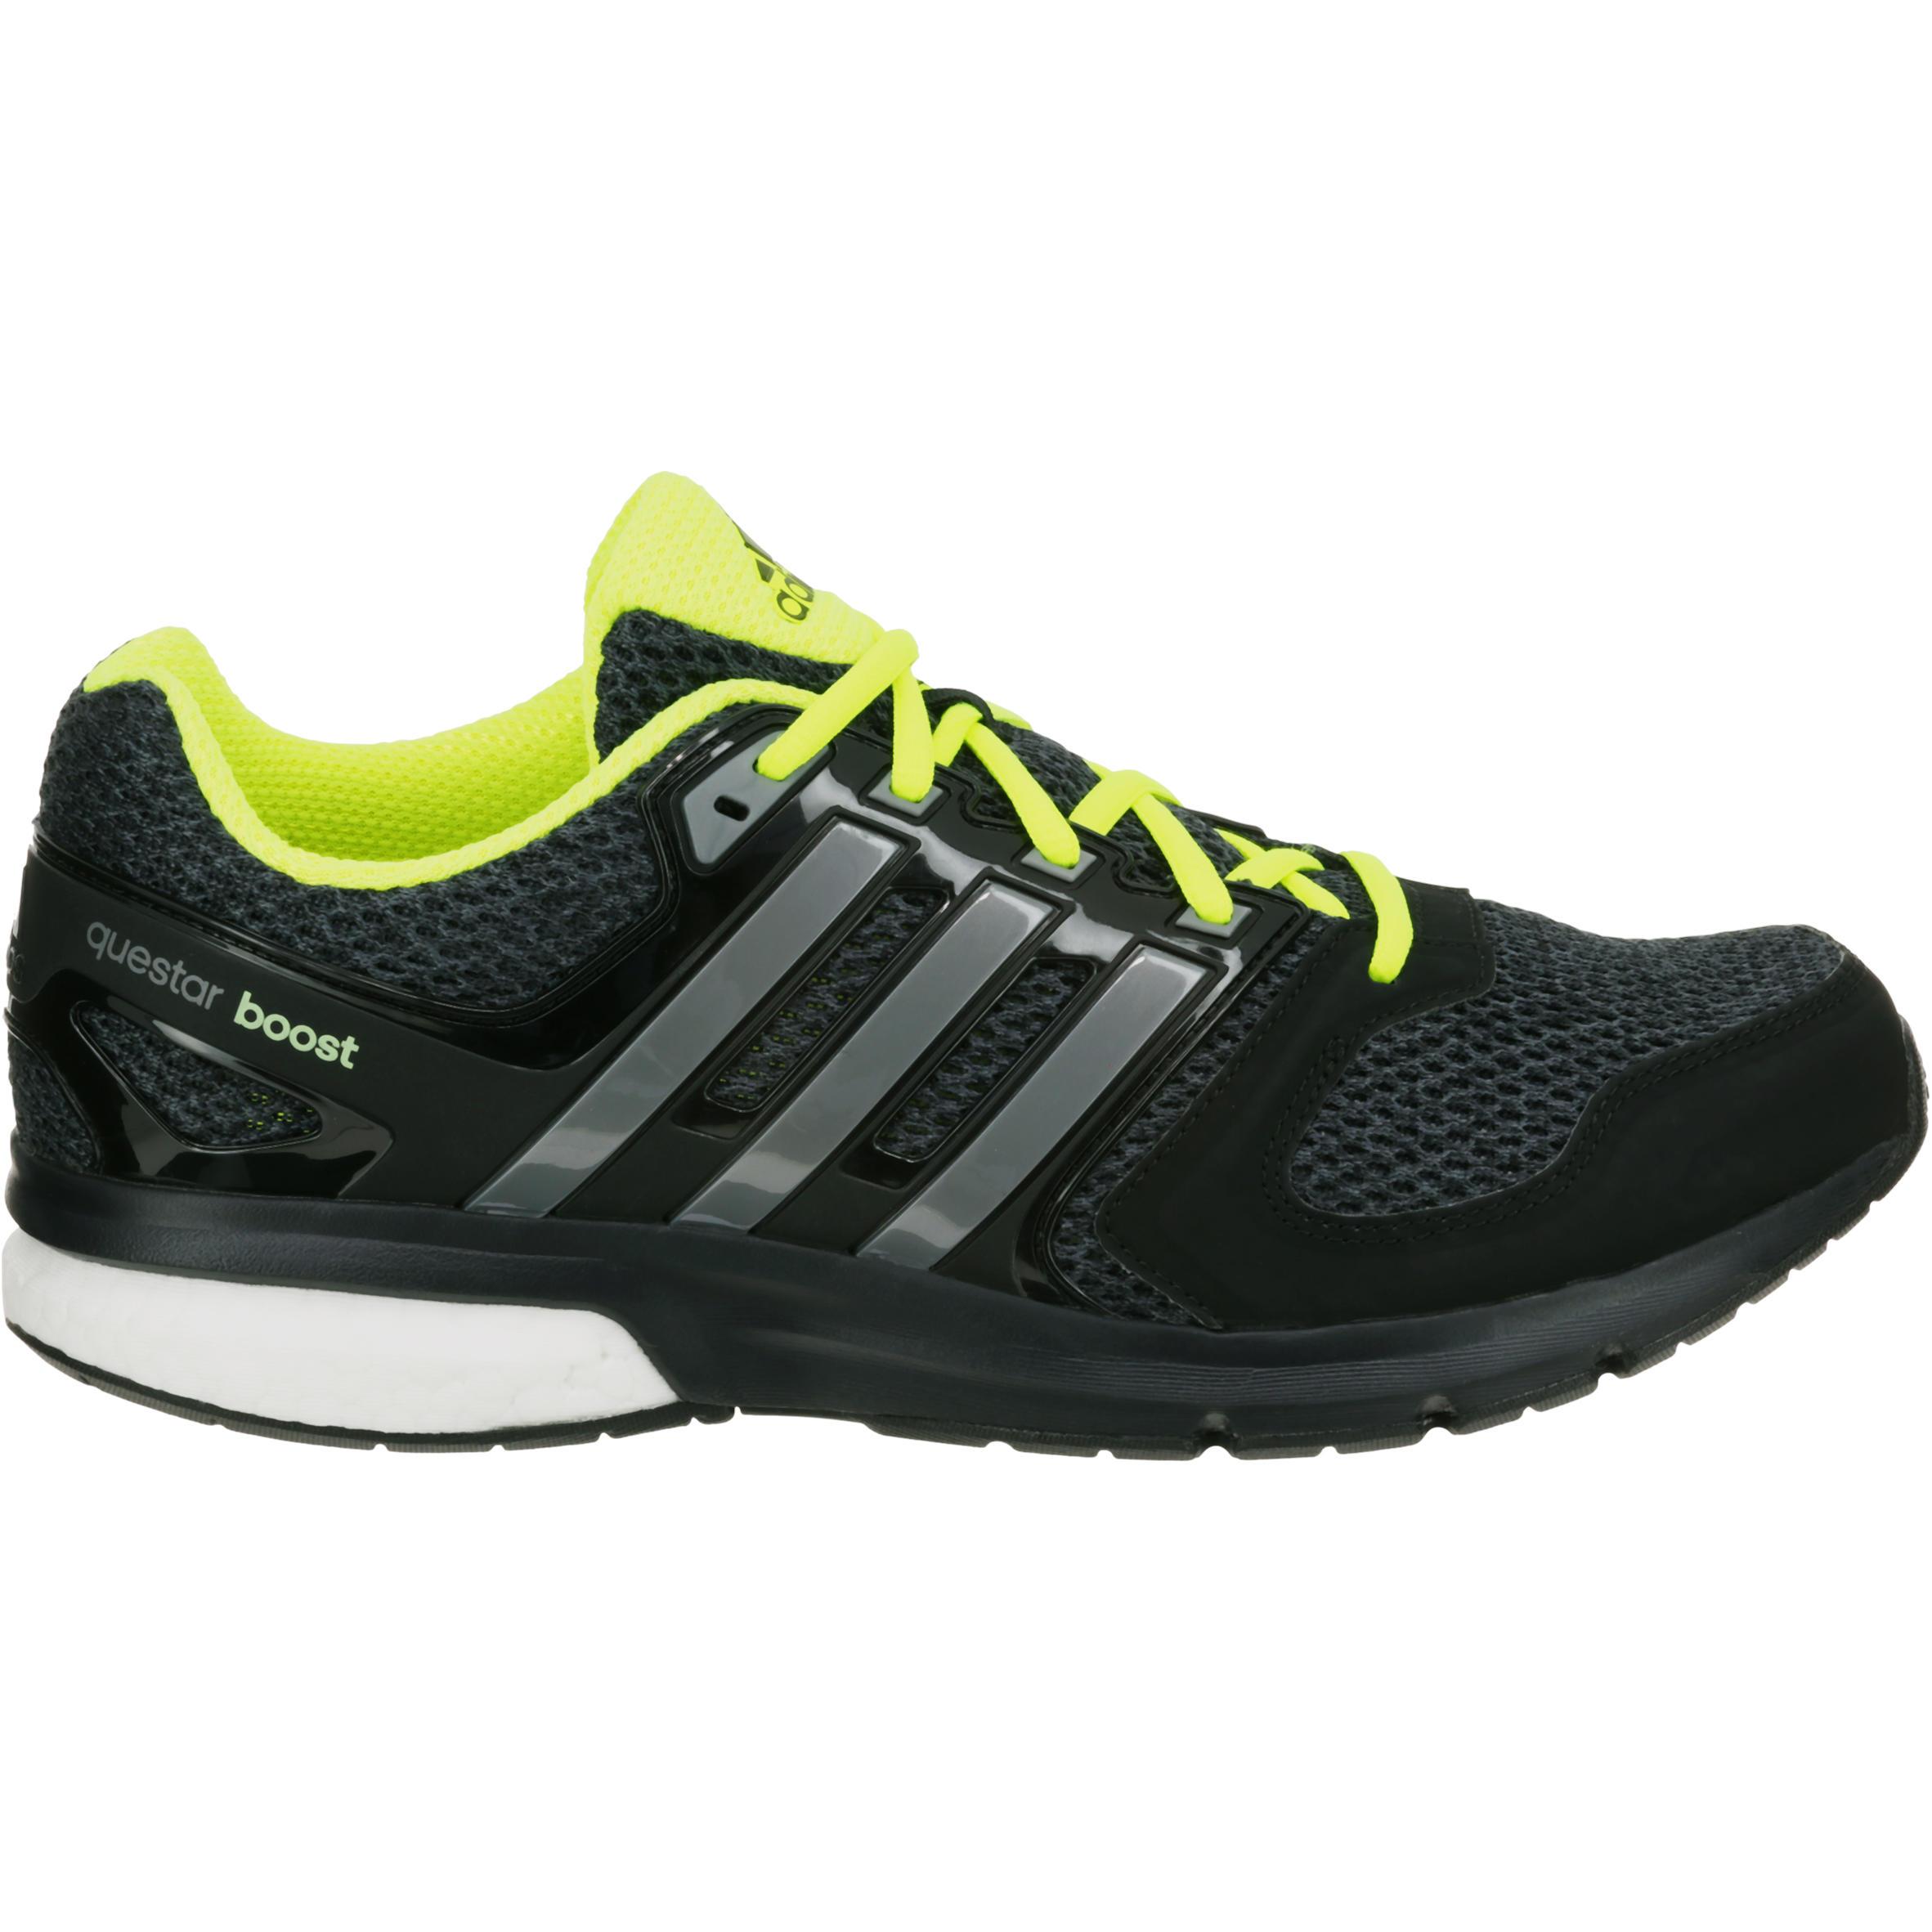 Chaussure Running Questar Noir Jaune Homme Adidas erxBdCoW